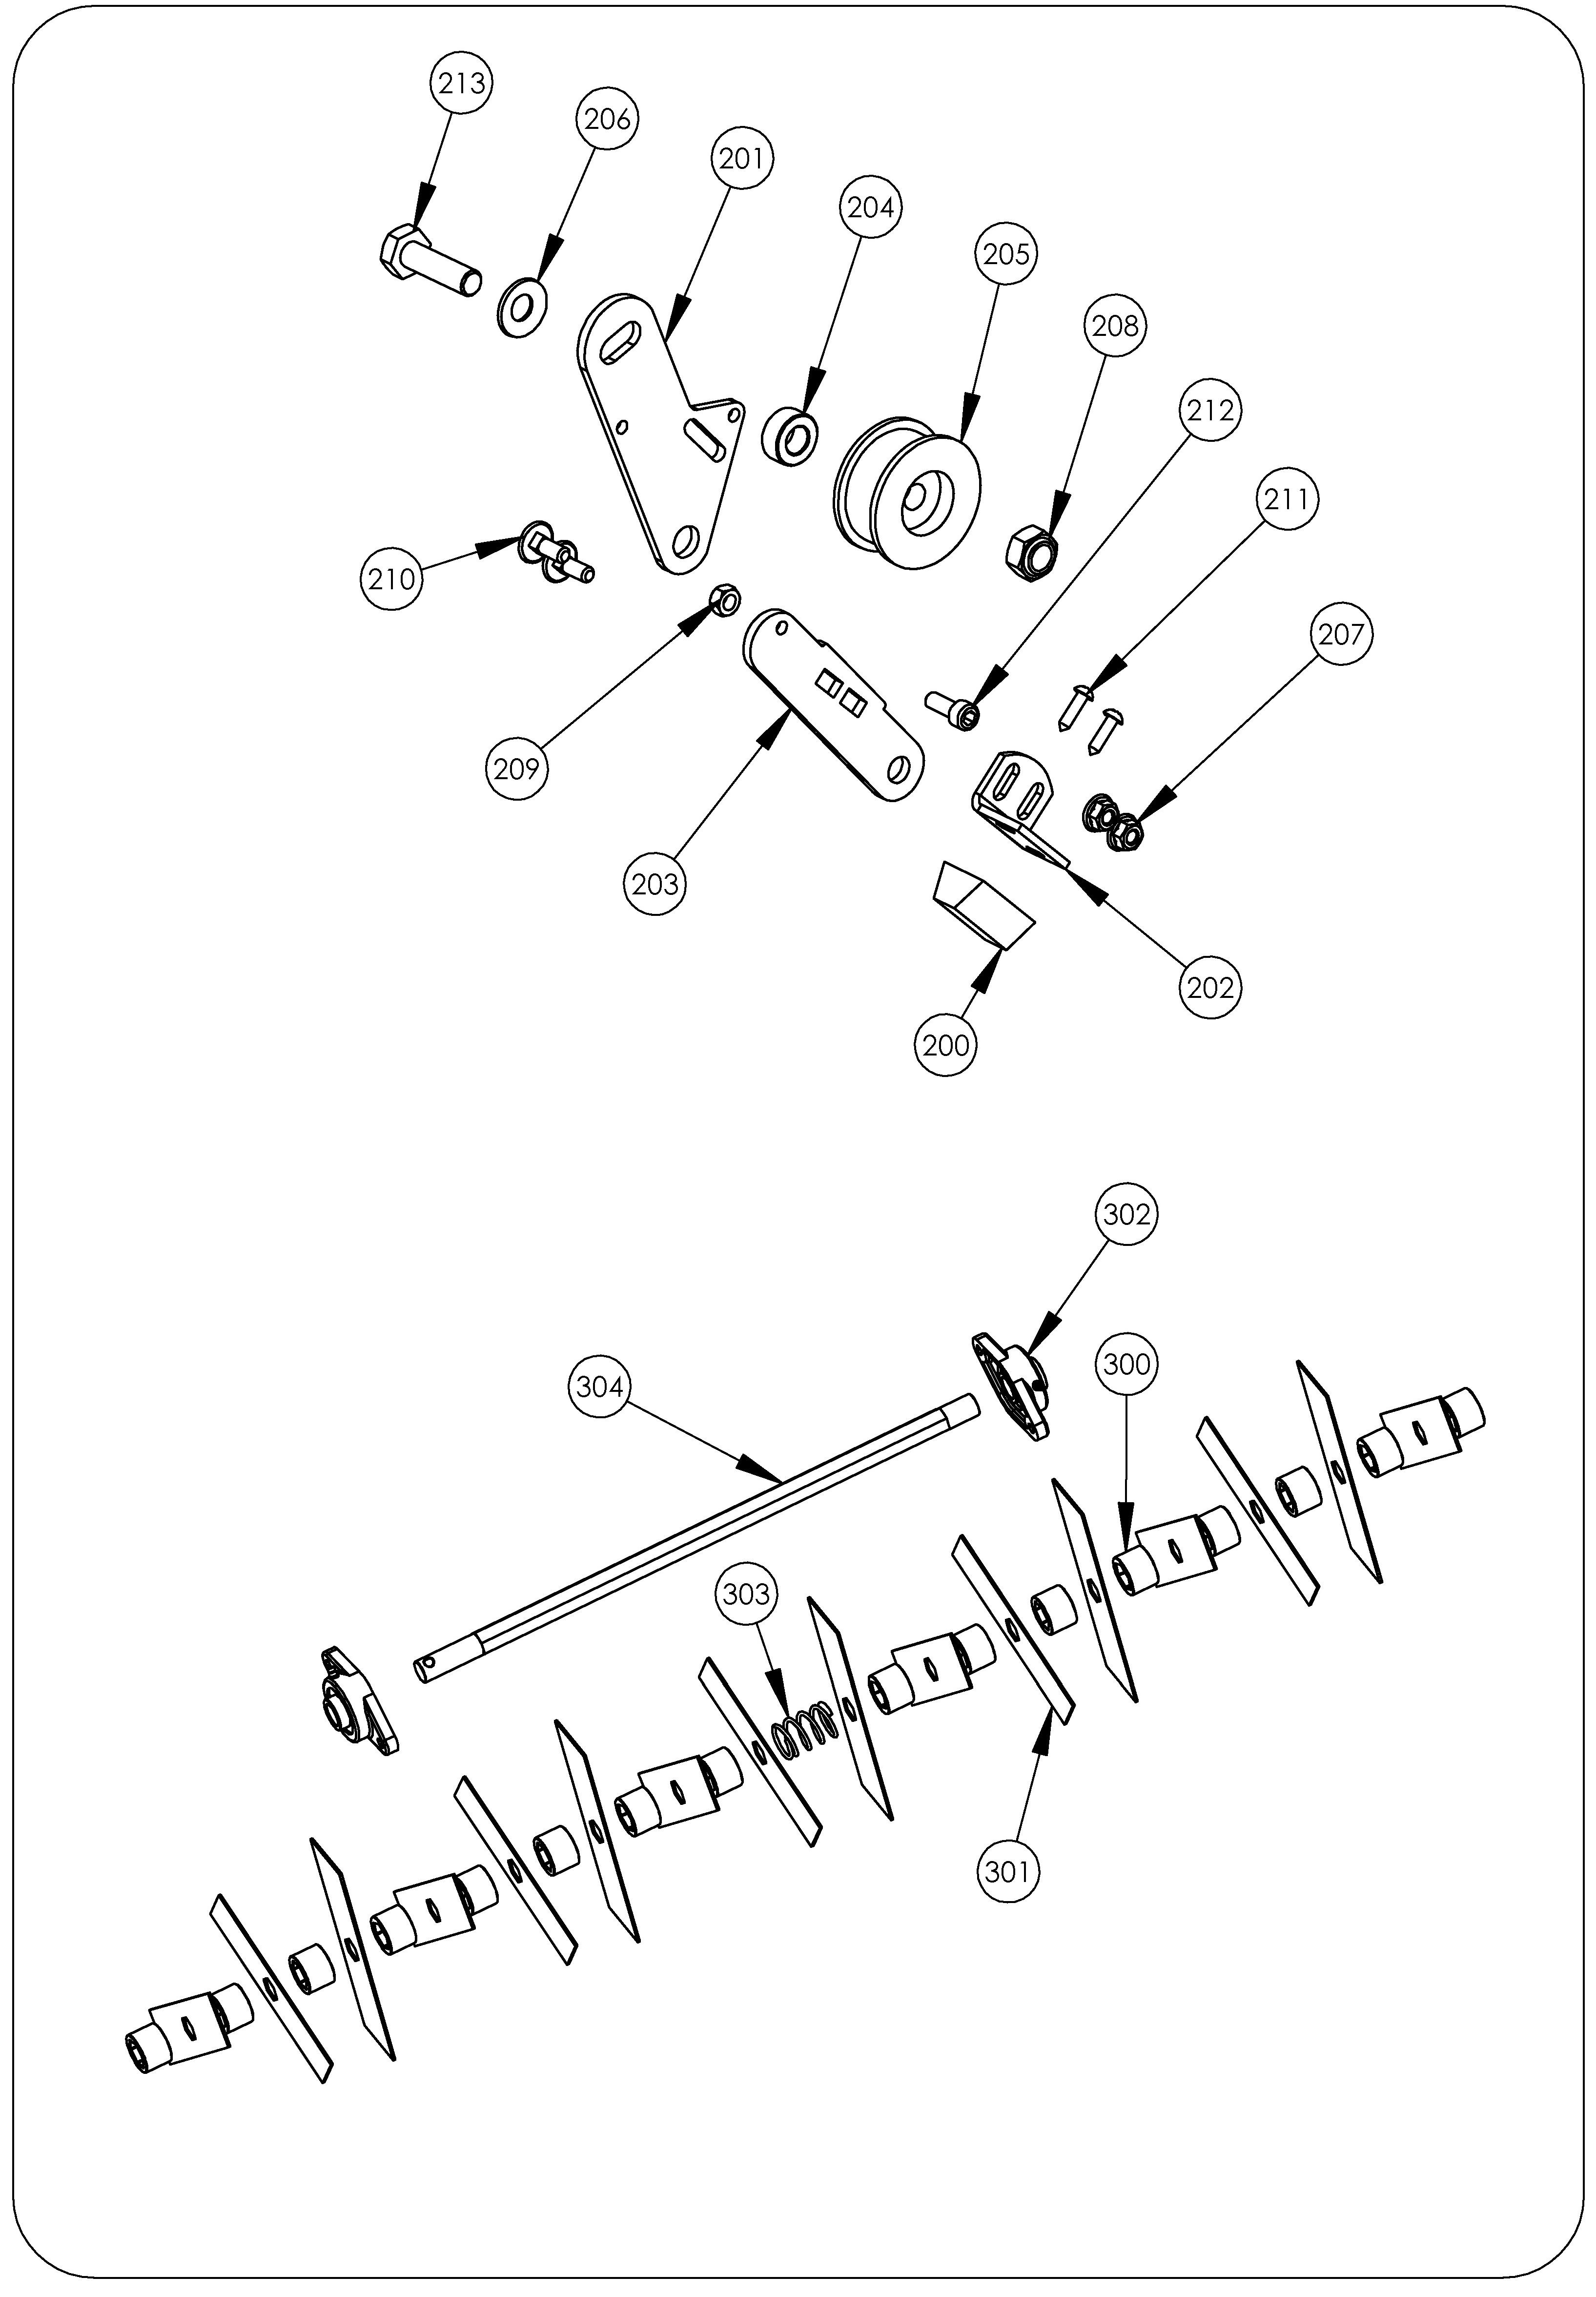 SCA 40 version 2011 Scarificateur  OLEOMAC vue éclatée  Dessins pièces -  Rotor